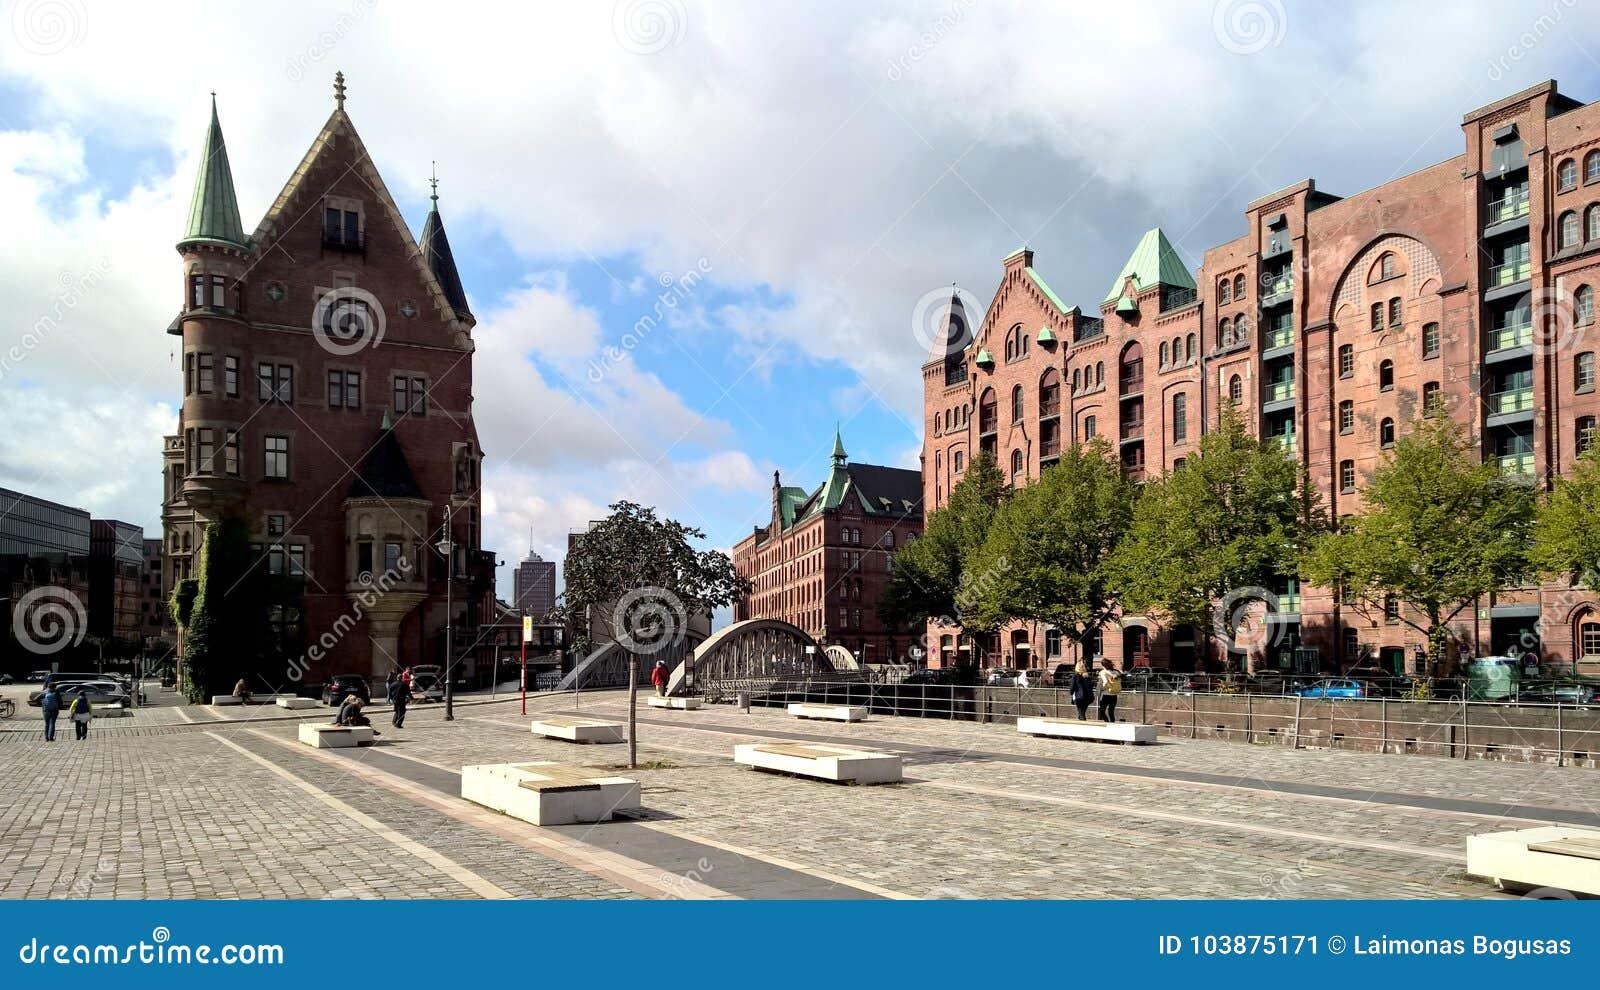 The square in Hamburg, Speicherstadt